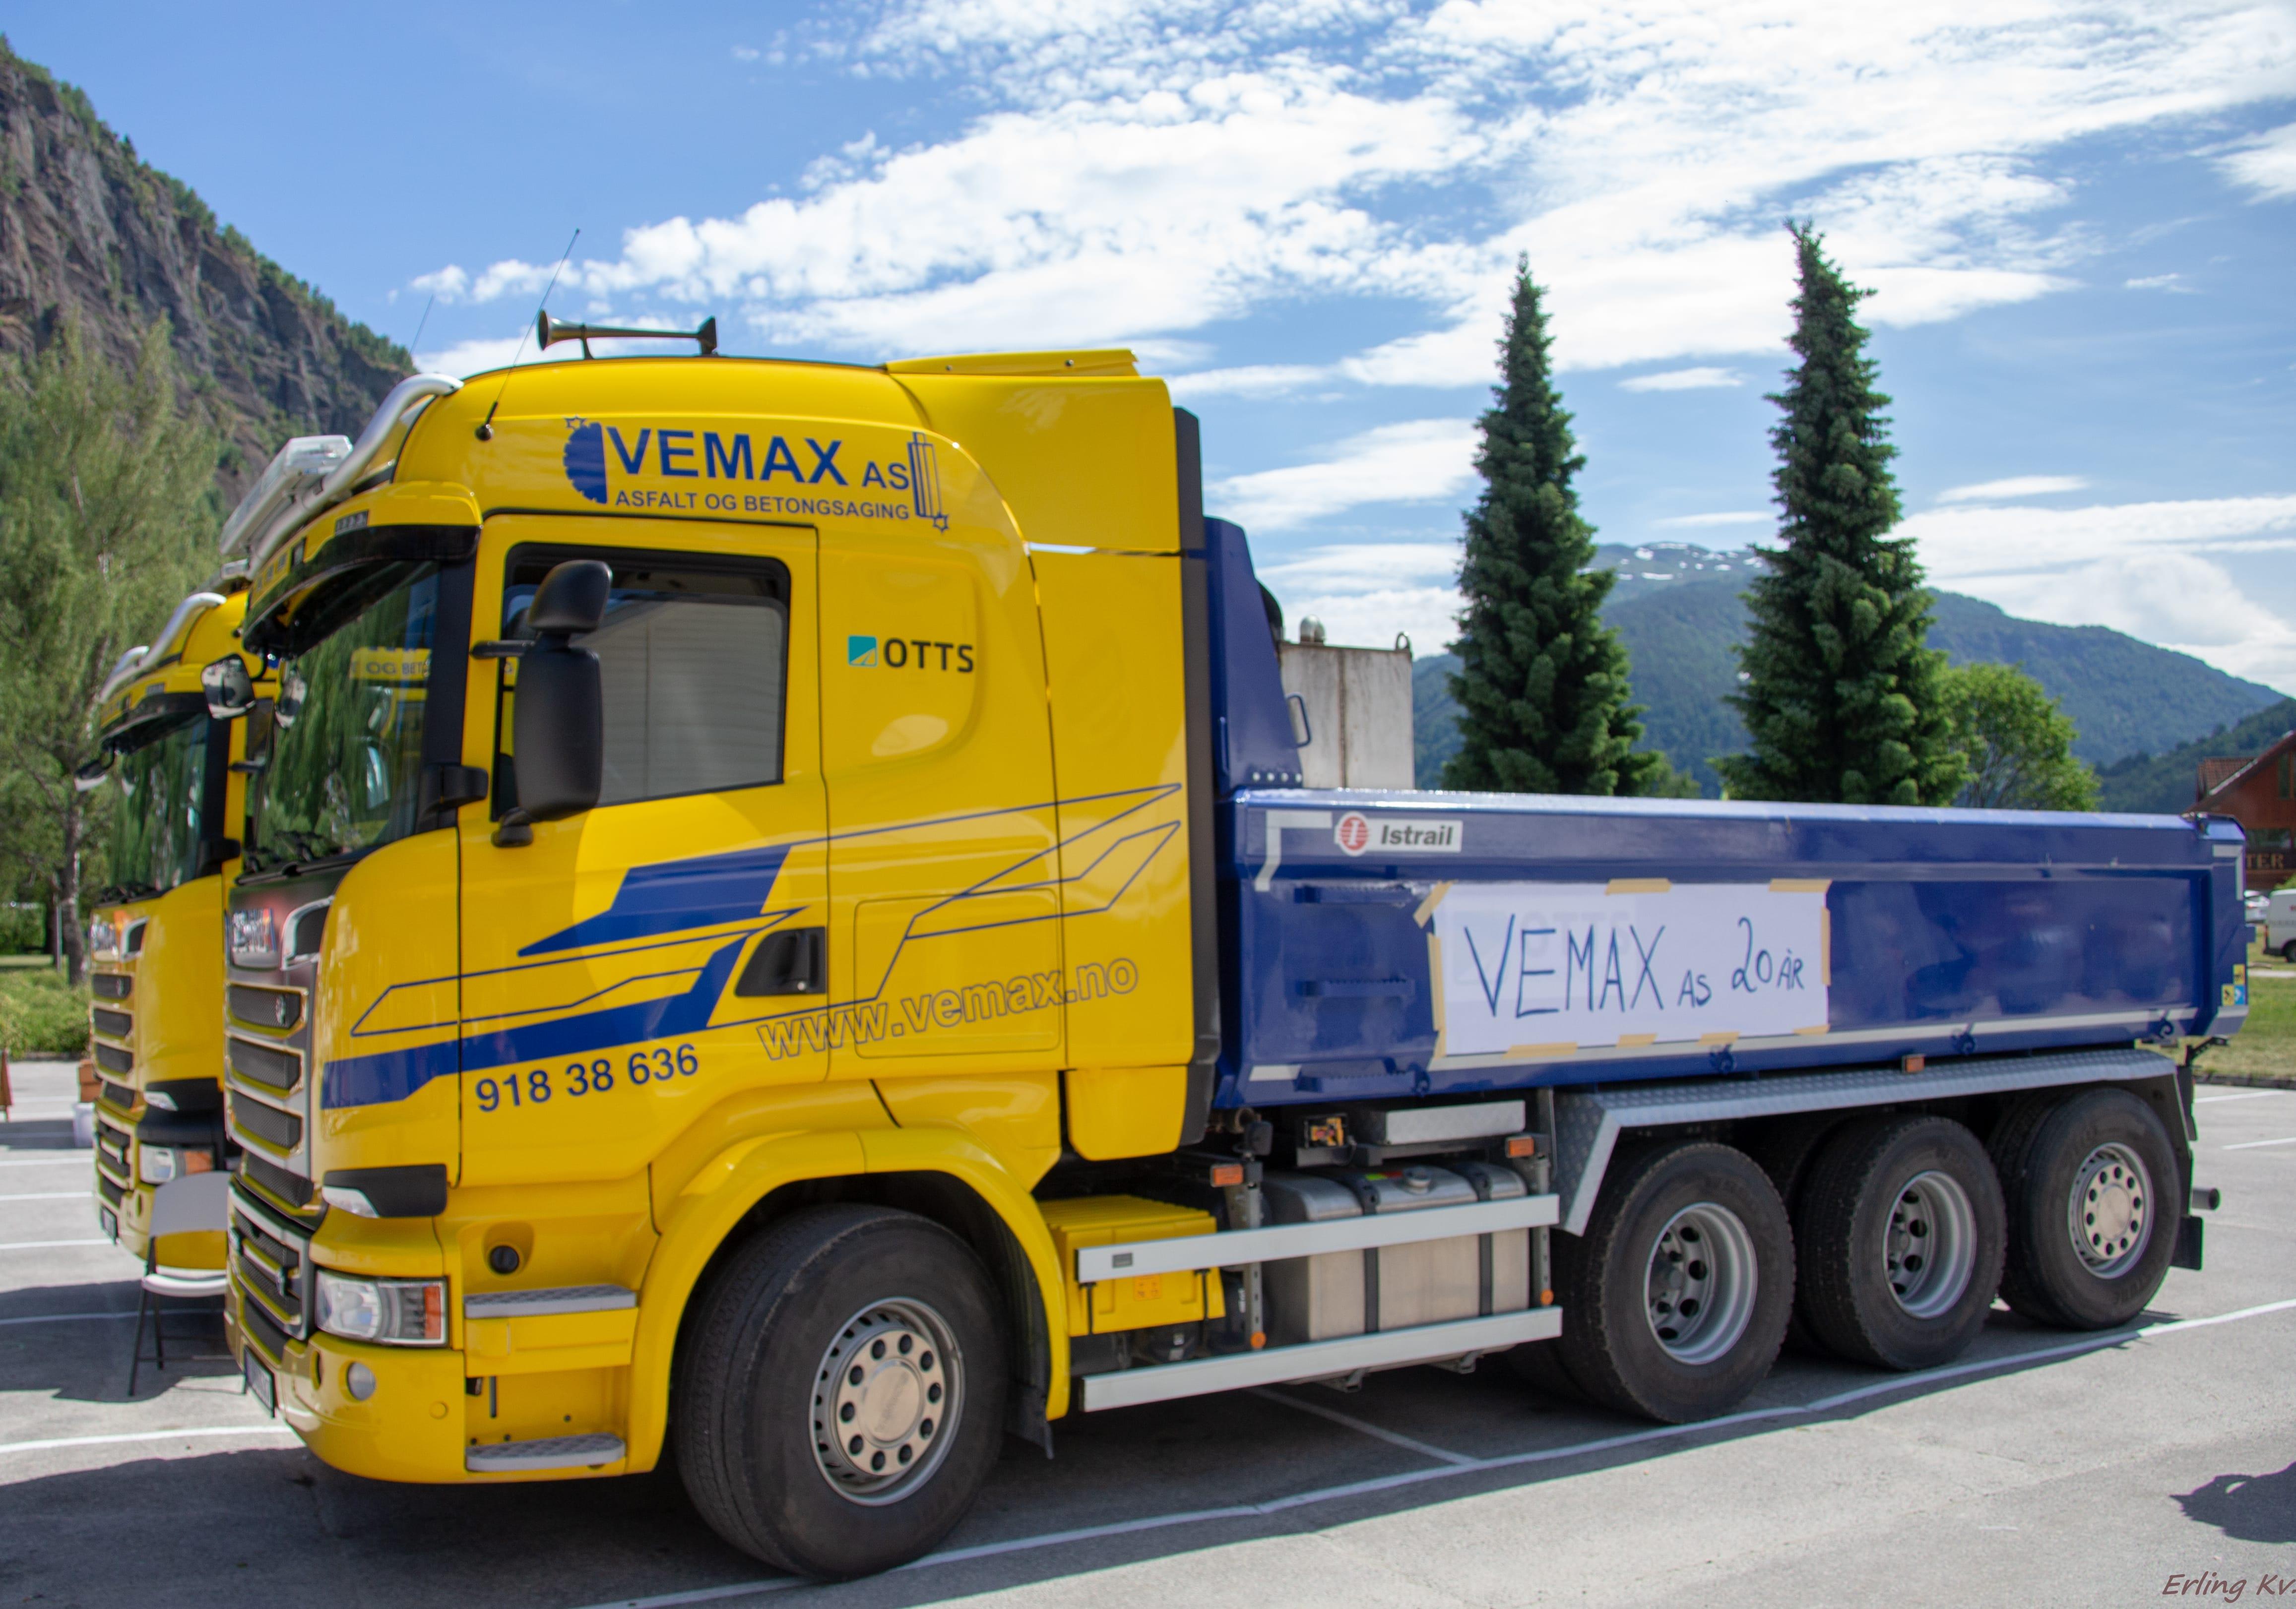 Erling Kv-293